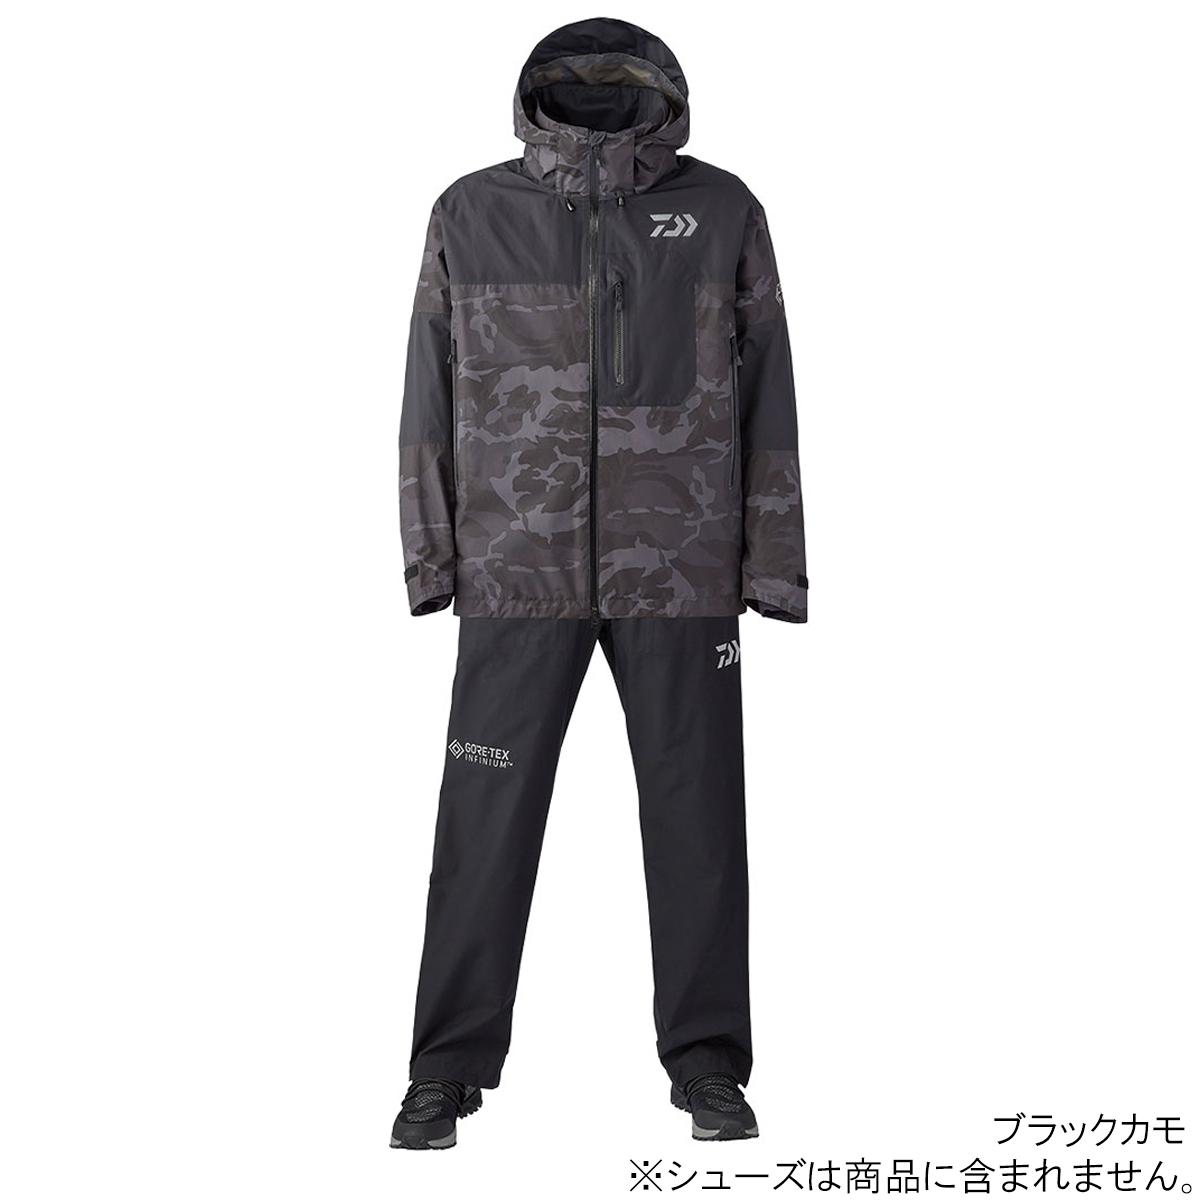 ダイワ ゴアテックス インフィニアム プロダクト レインスーツ DR-19020 L ブラックカモ(東日本店)